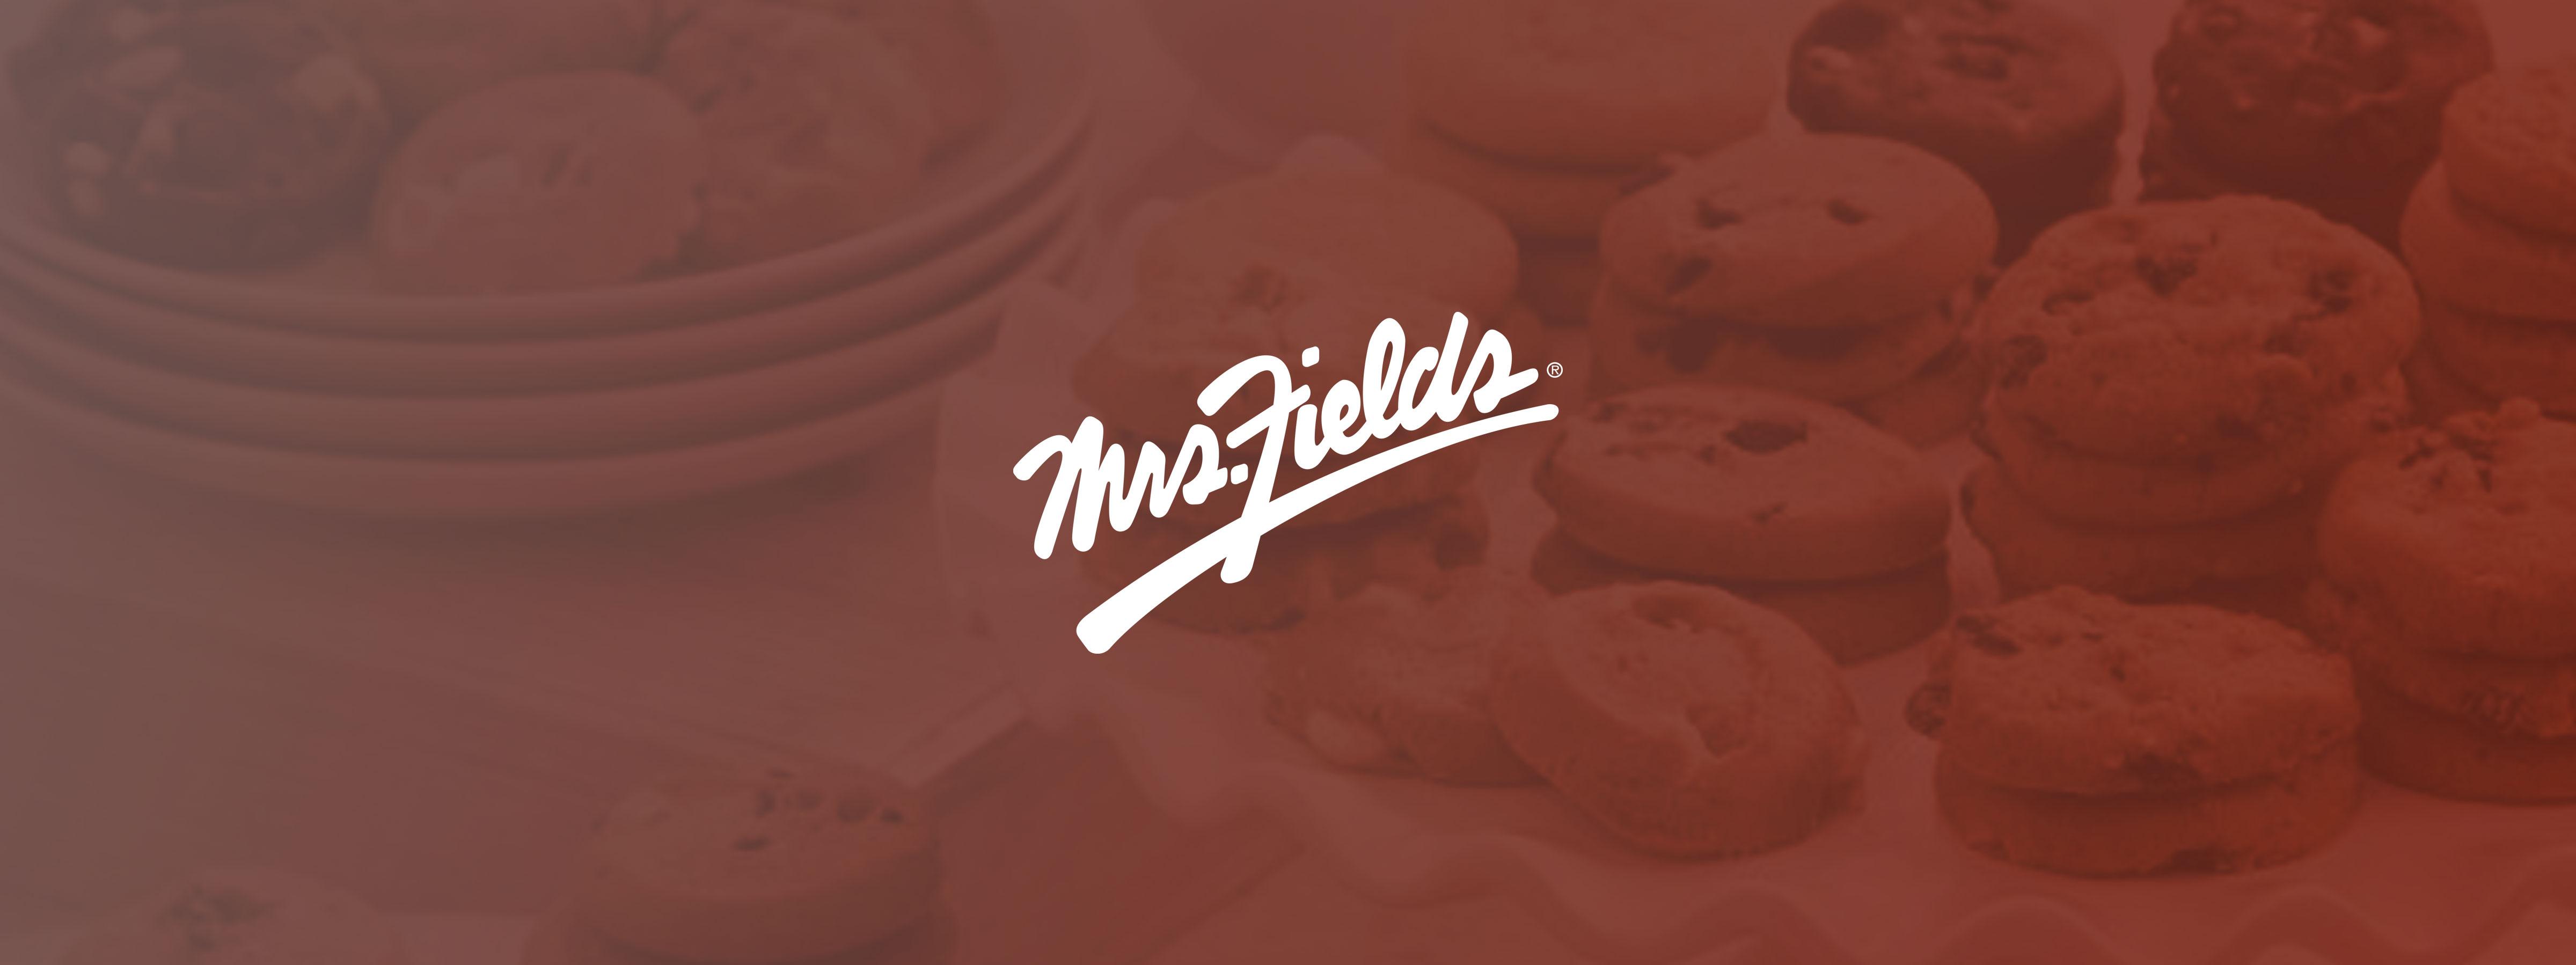 MrsFields_CaseStudy_LP